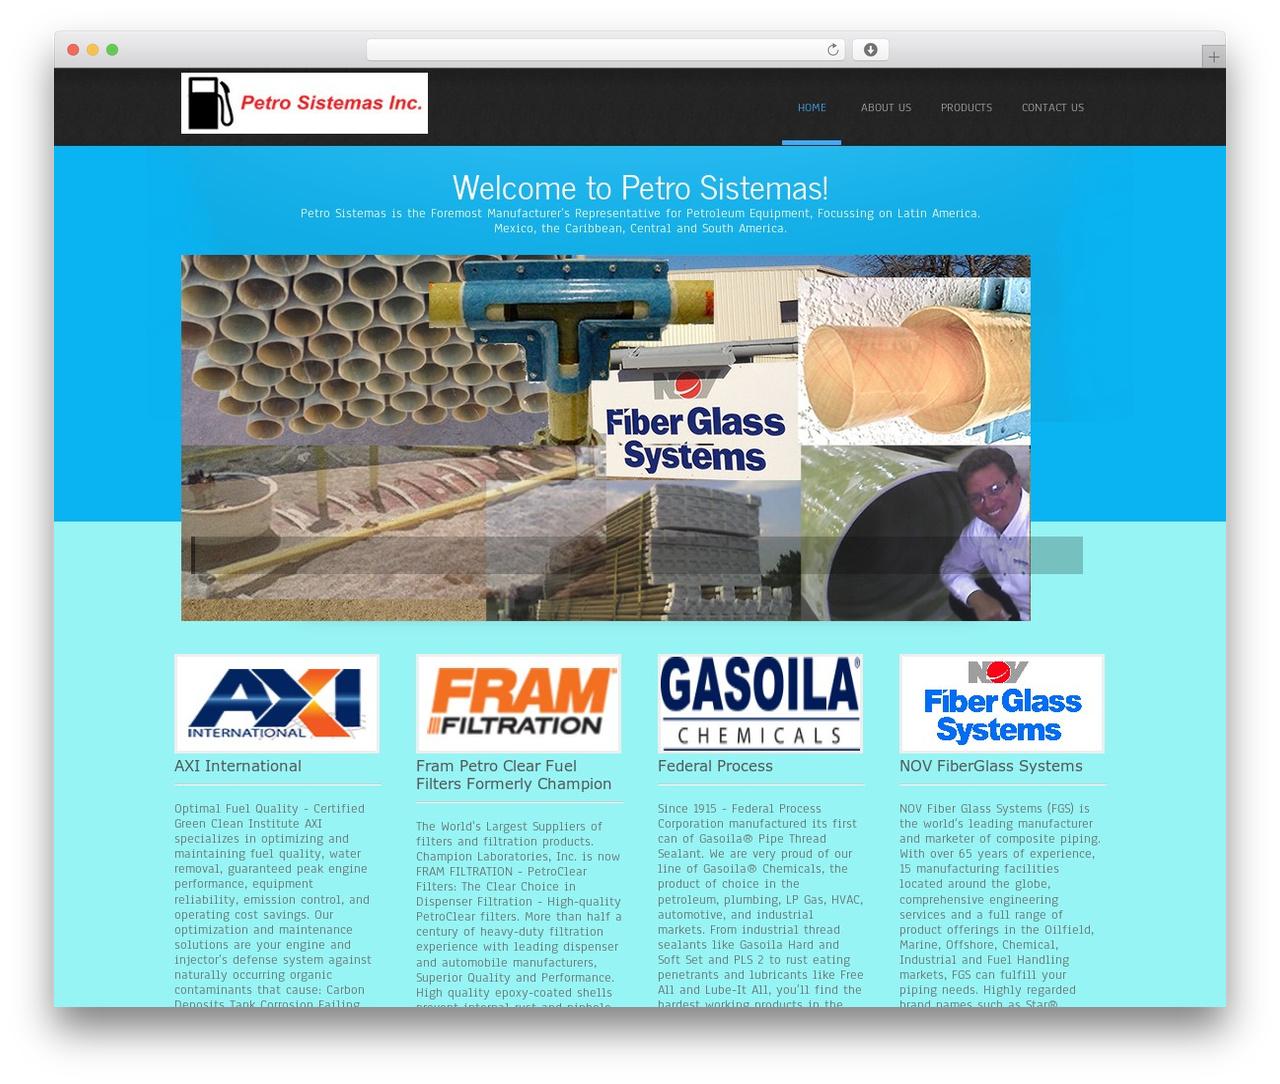 Simplicity Lite WordPress page template - petrosistemas.net